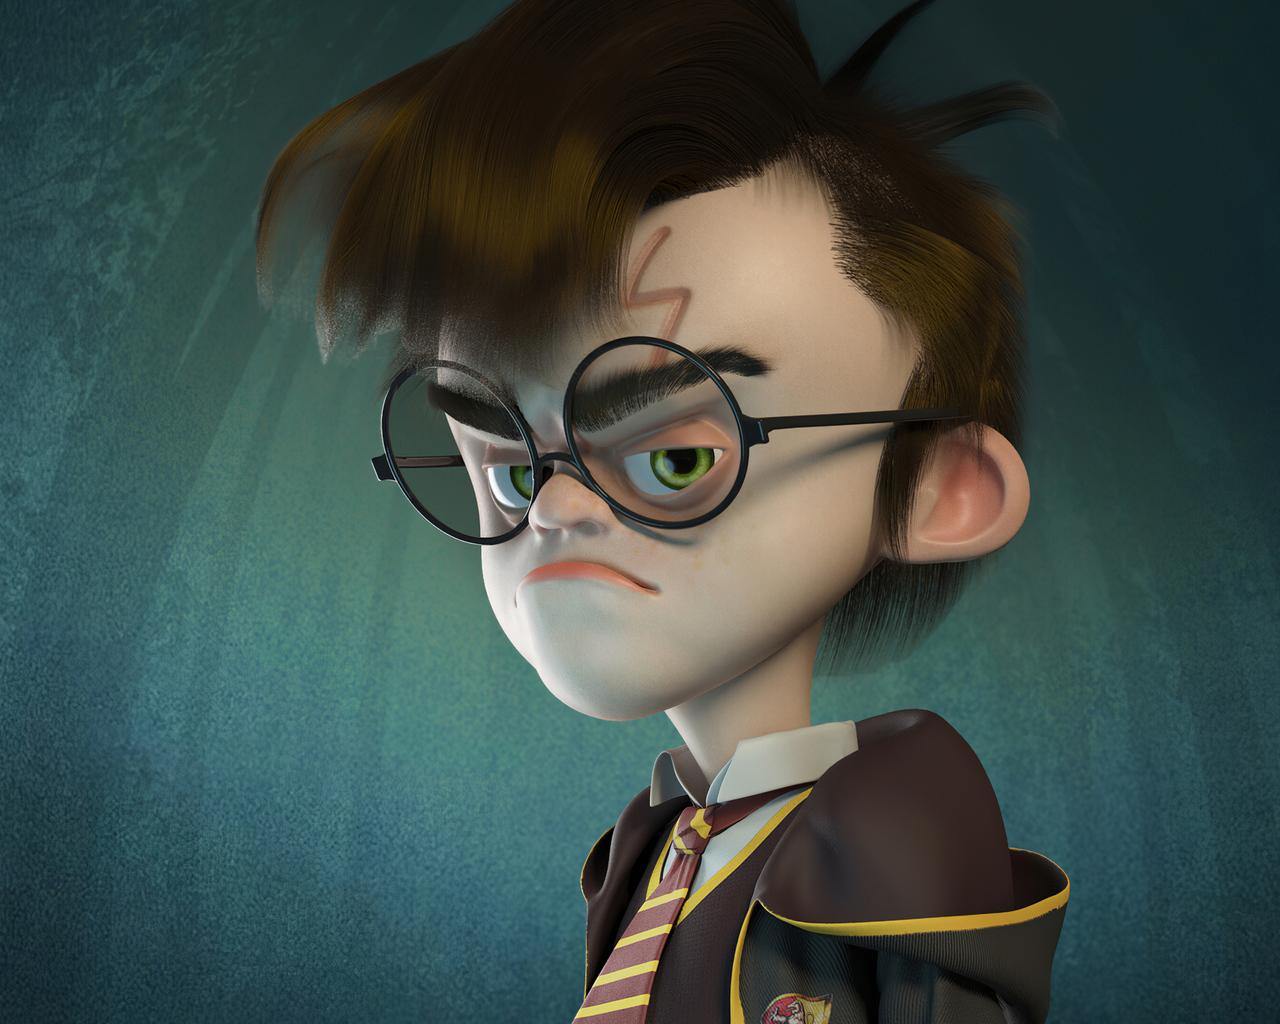 harry-potter-3d-character-art-4k-gq.jpg